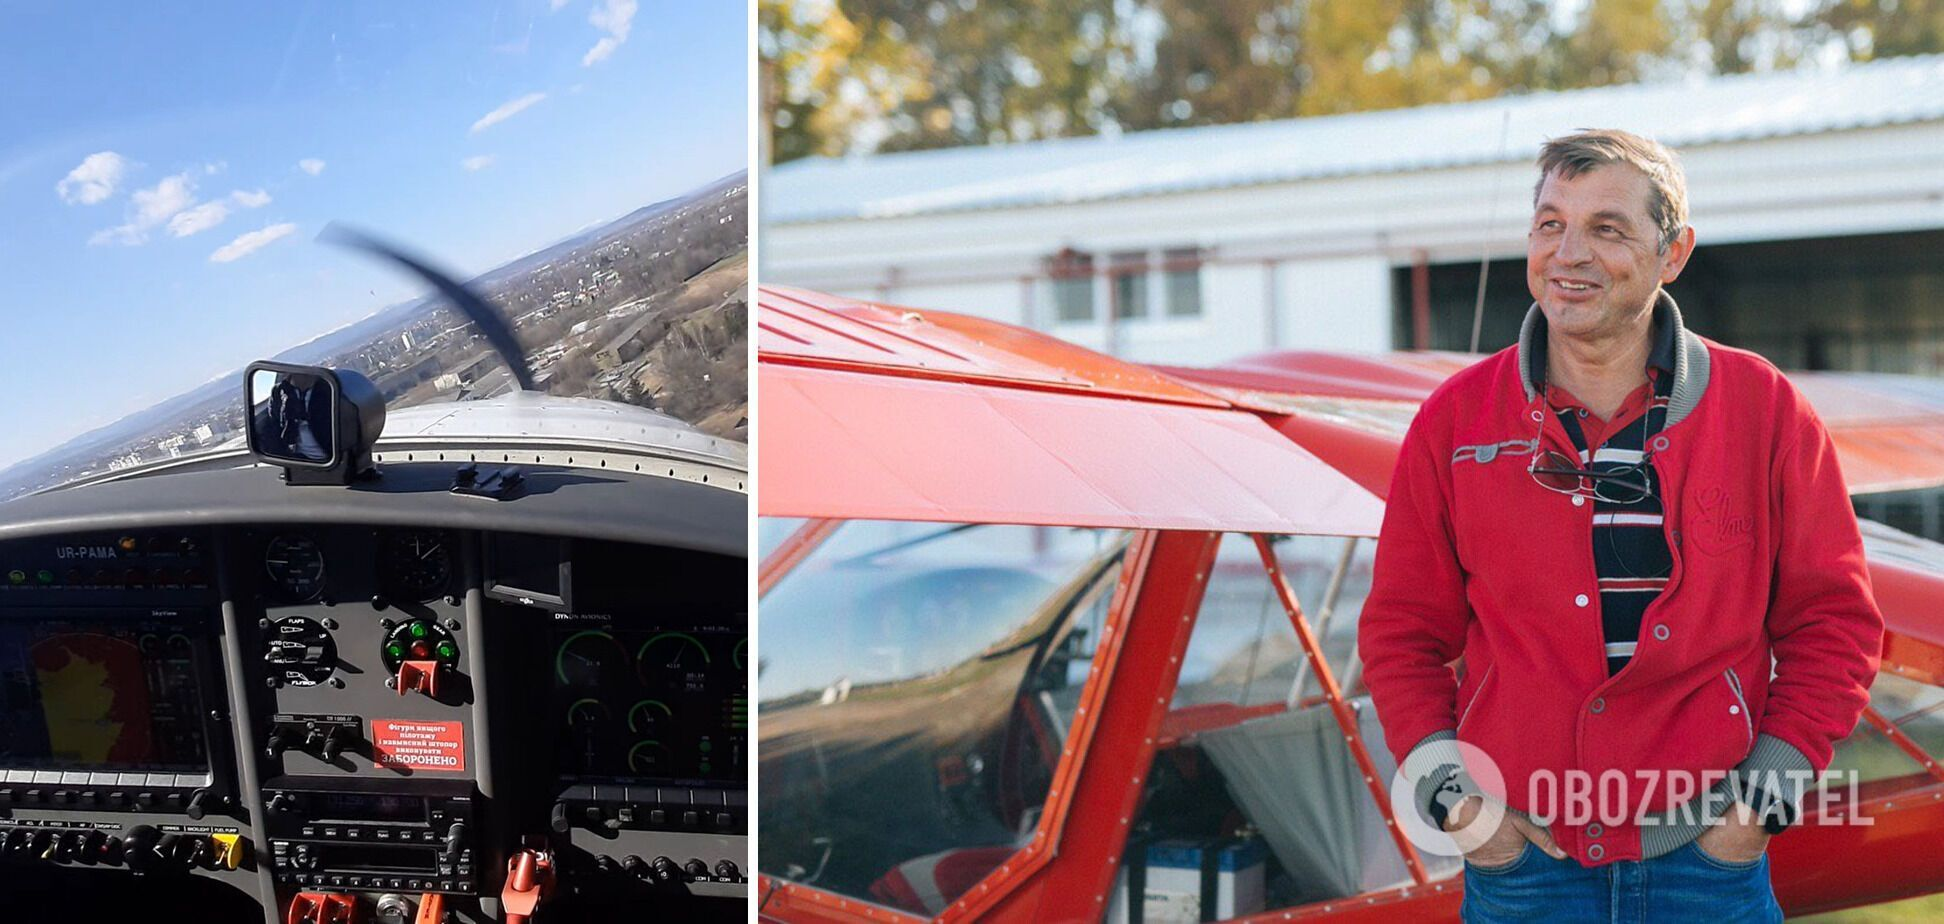 Ігор Табанюк провів в авіації 40 років